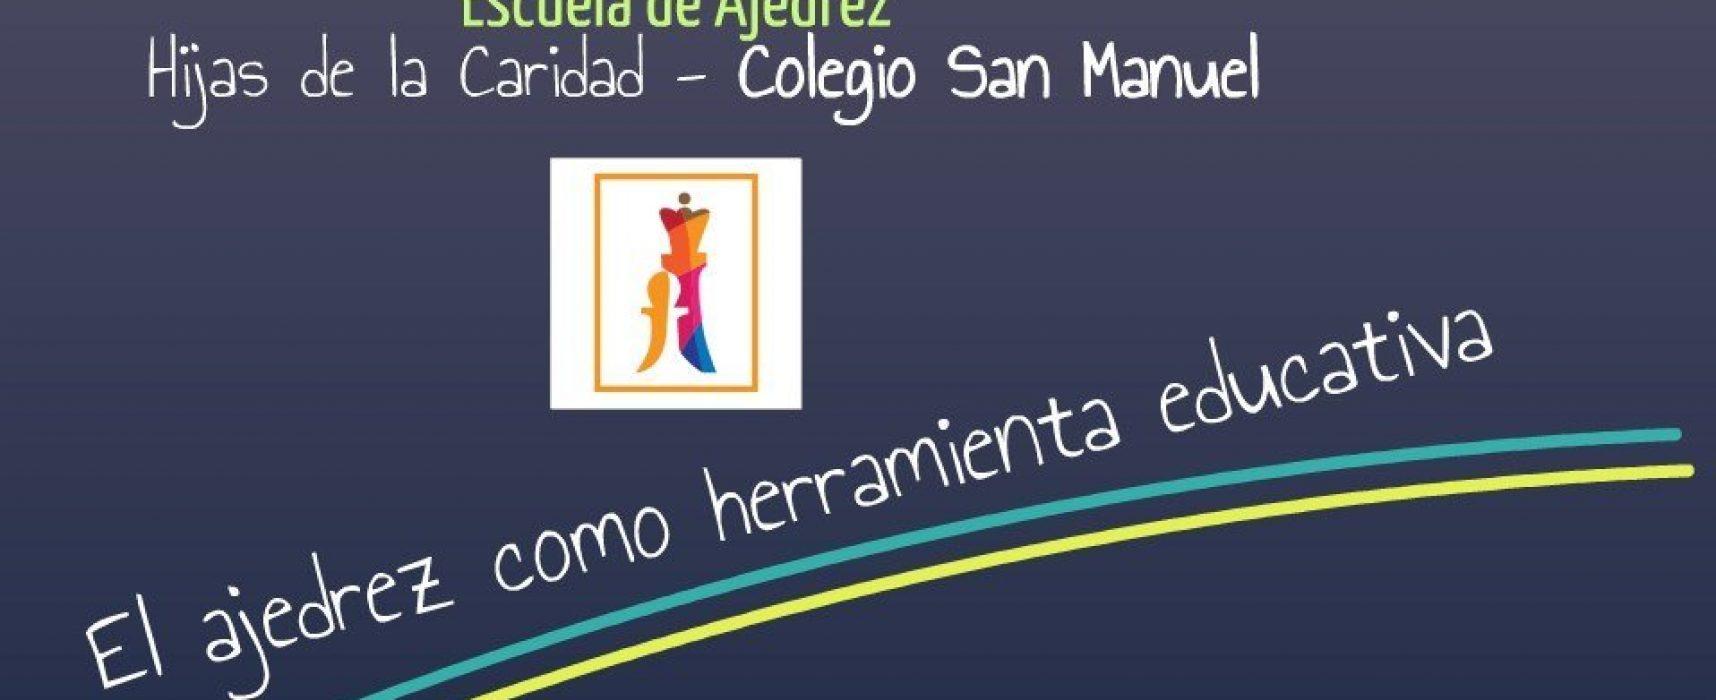 Ajedrez Social de Andalucía en la II Semana del Deporte del Colegio San Manuel (Málaga)